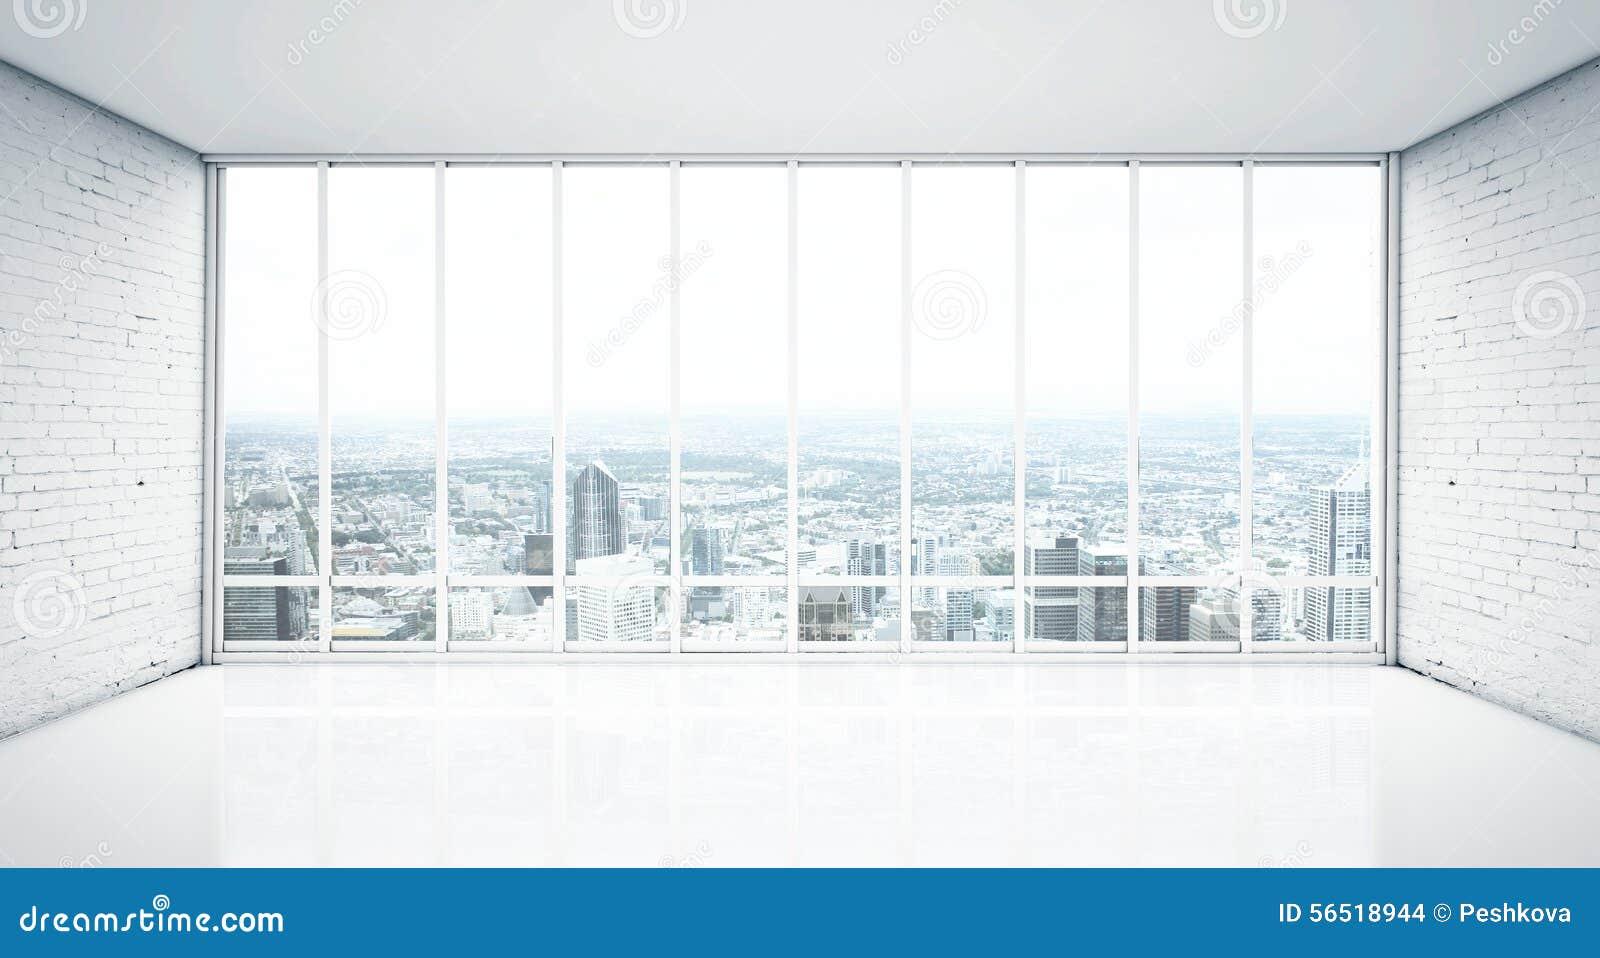 Fenster innenraum  Innenraum Mit Fenster Zur Stadt Stockfoto - Bild: 56518944